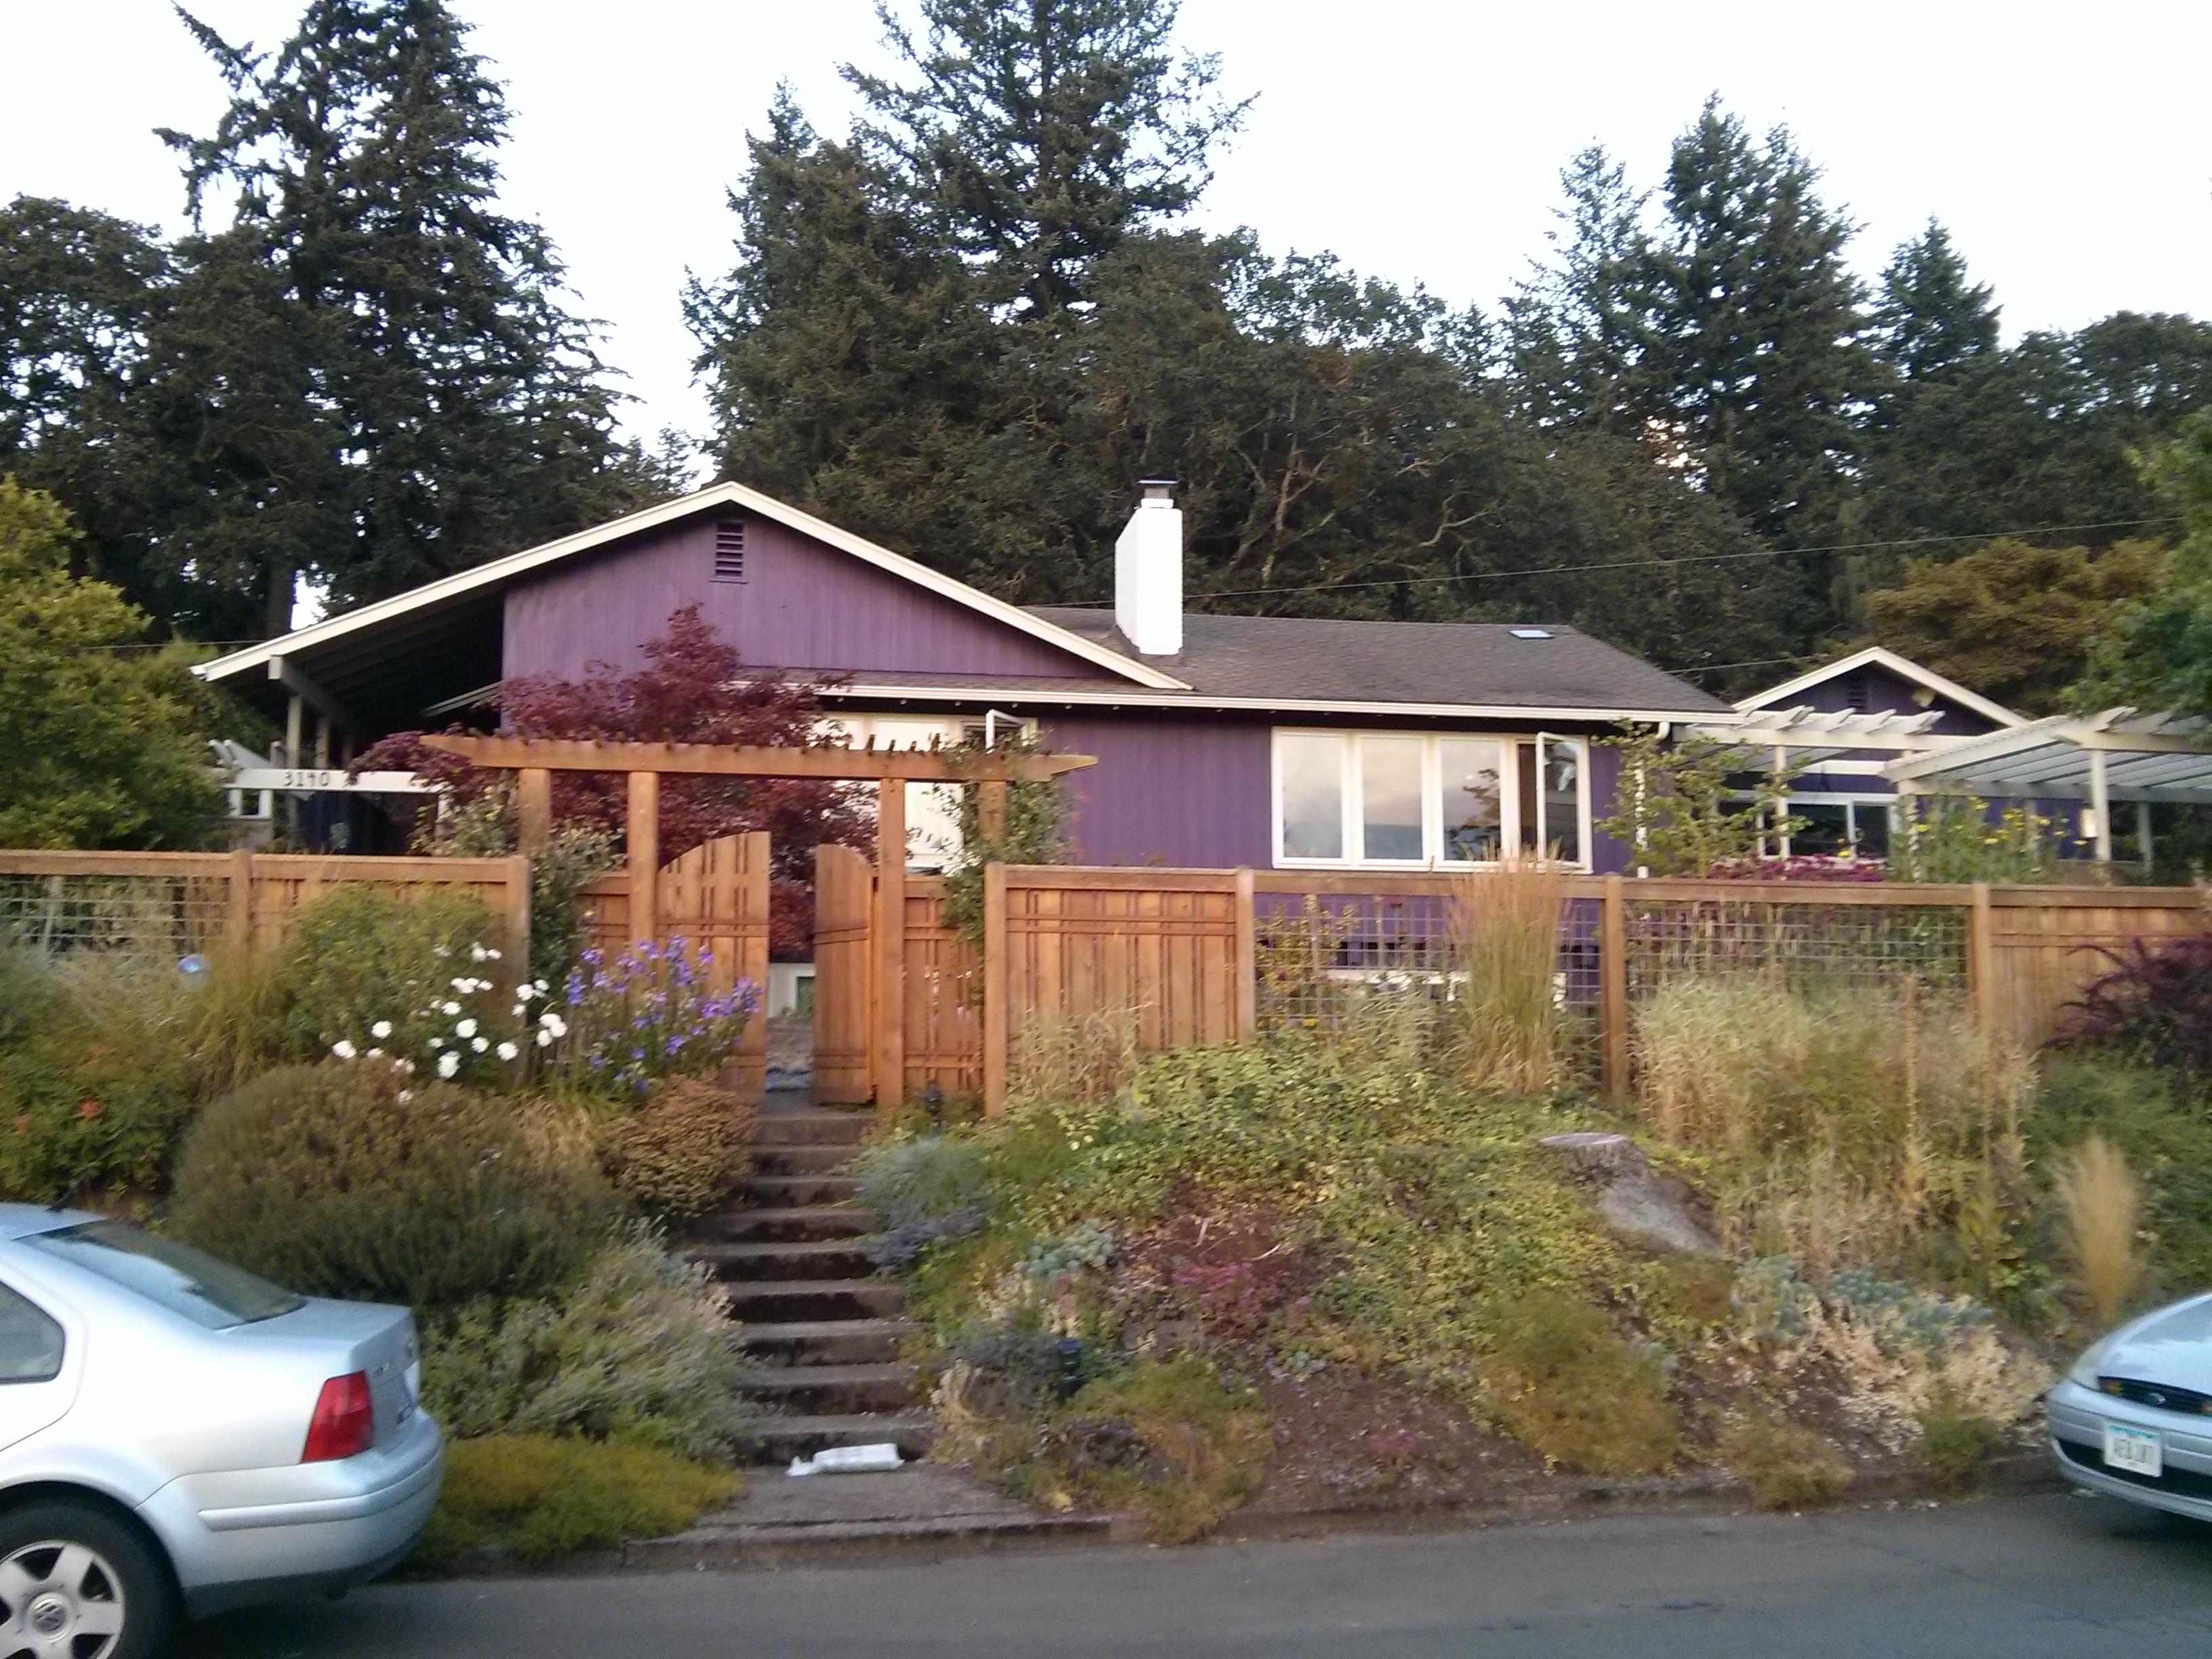 The Purple House Salem Paint Company